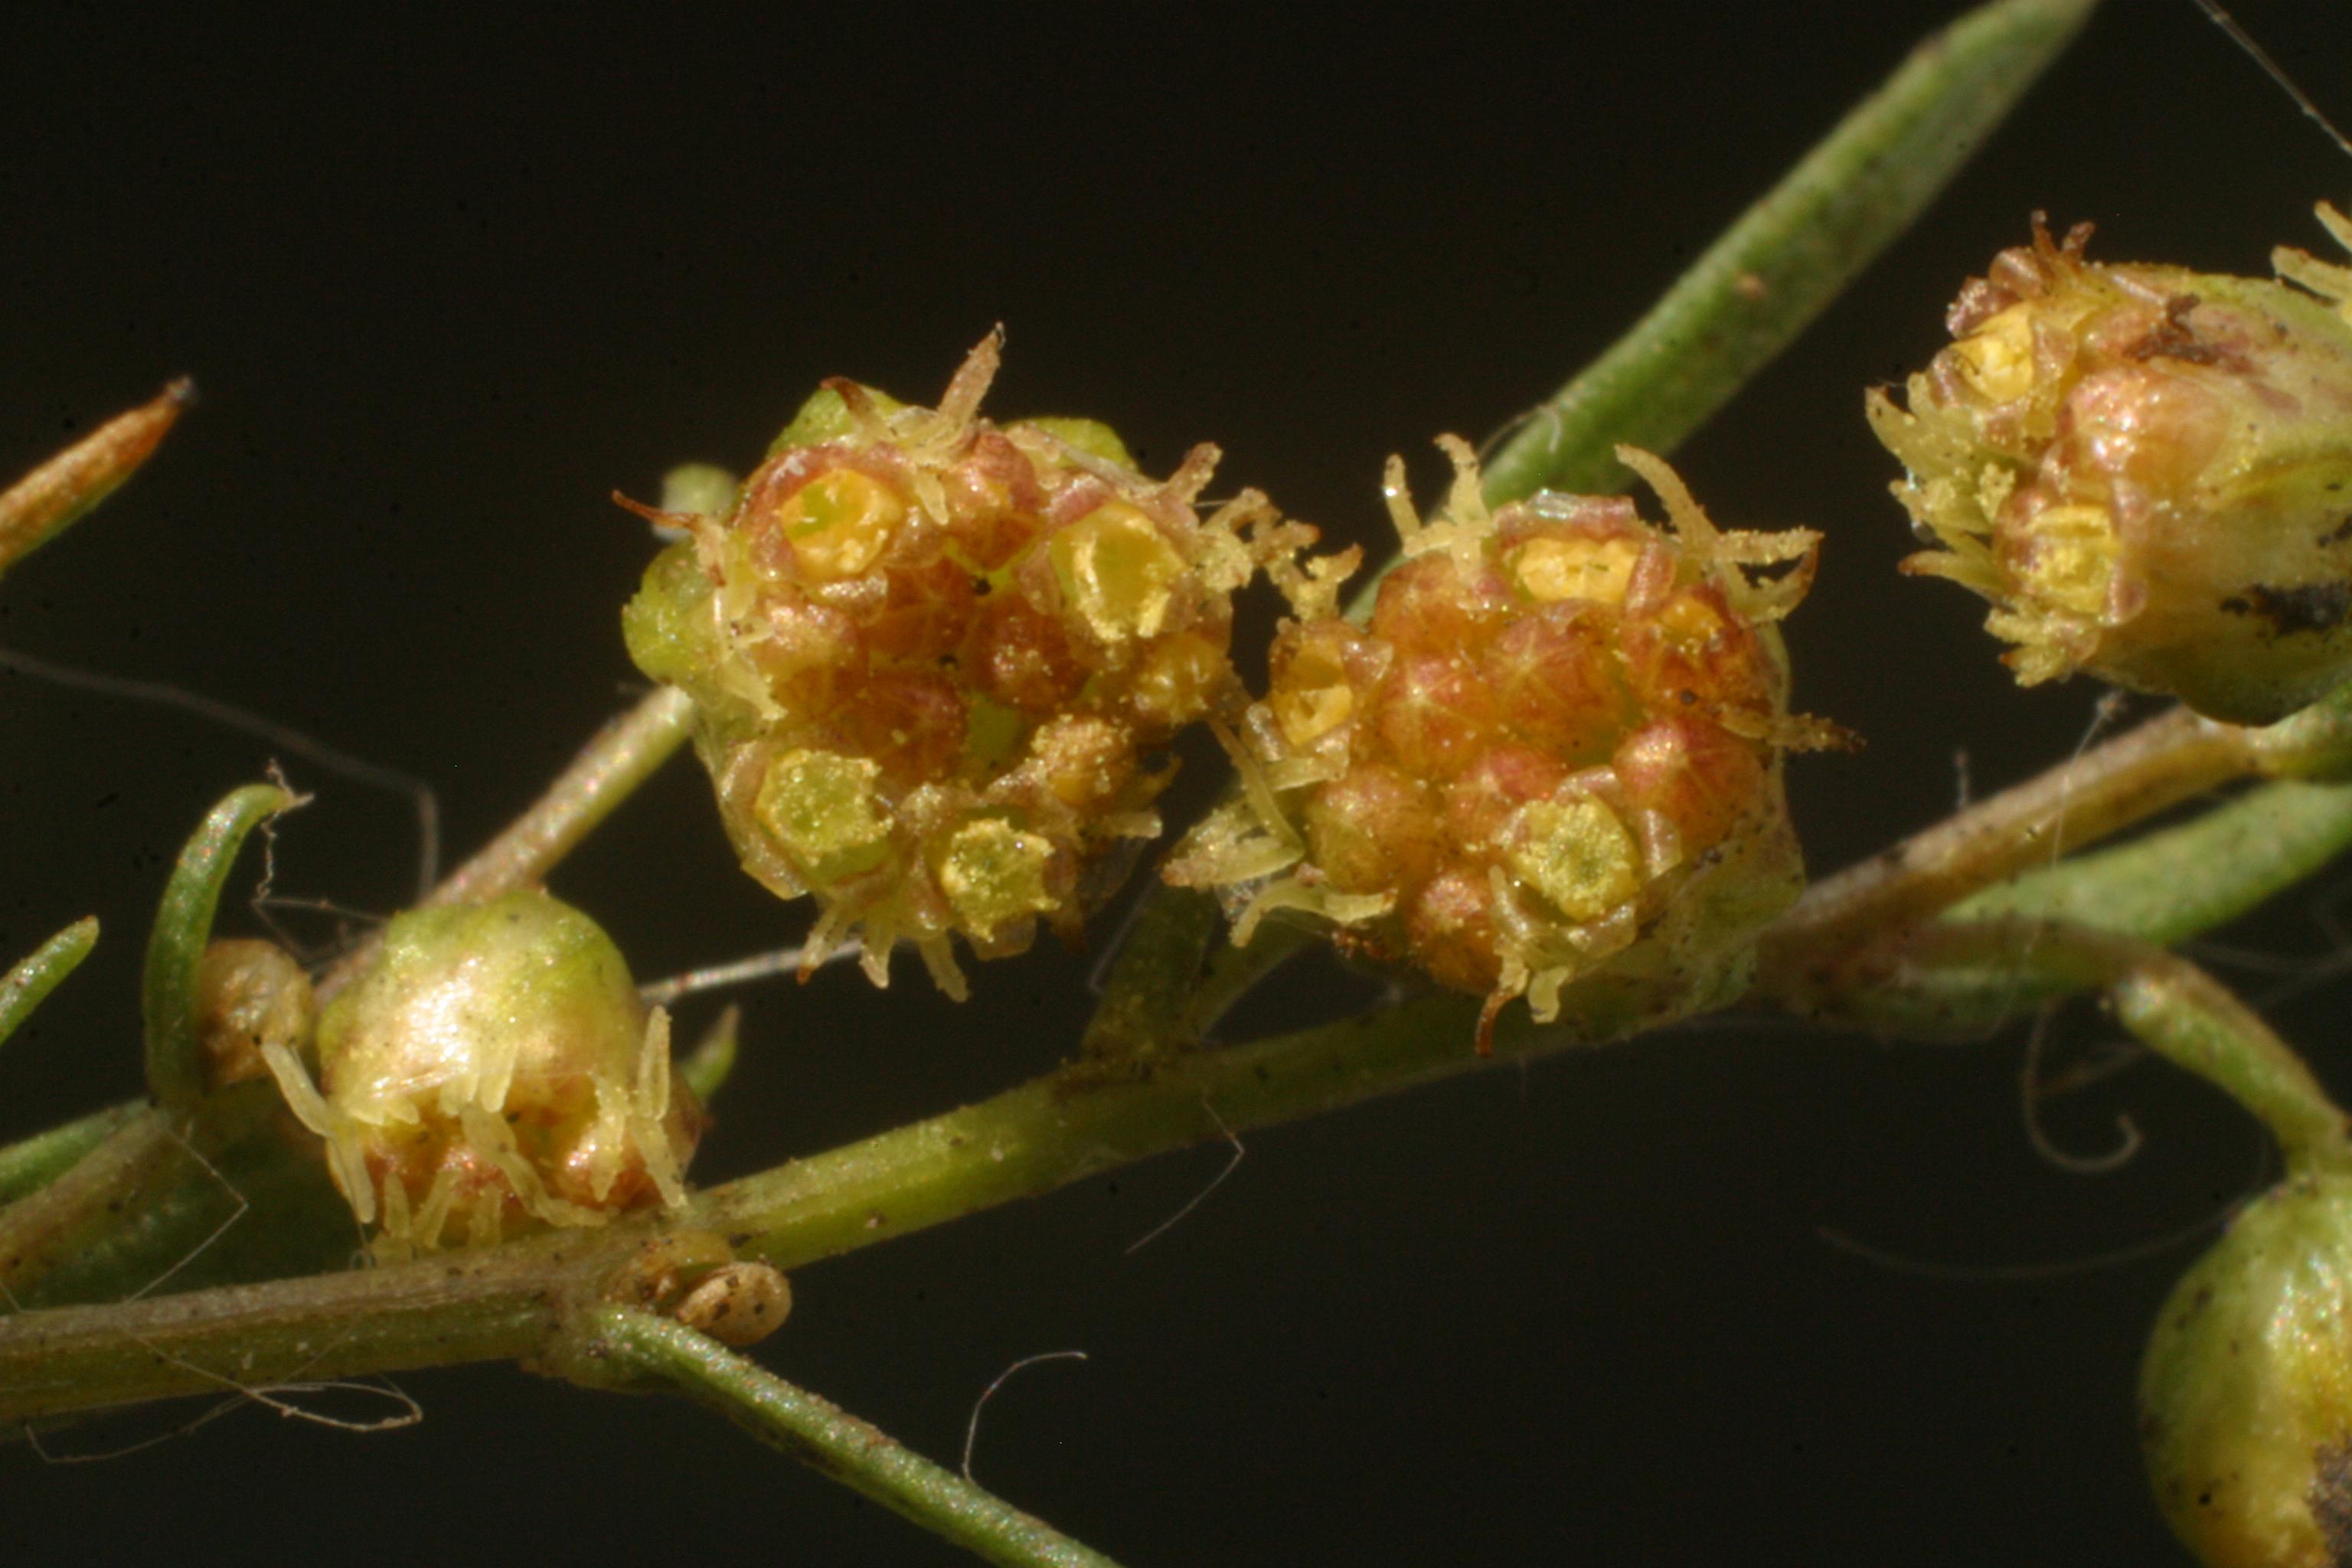 view image: Artemisia dracunculus L.